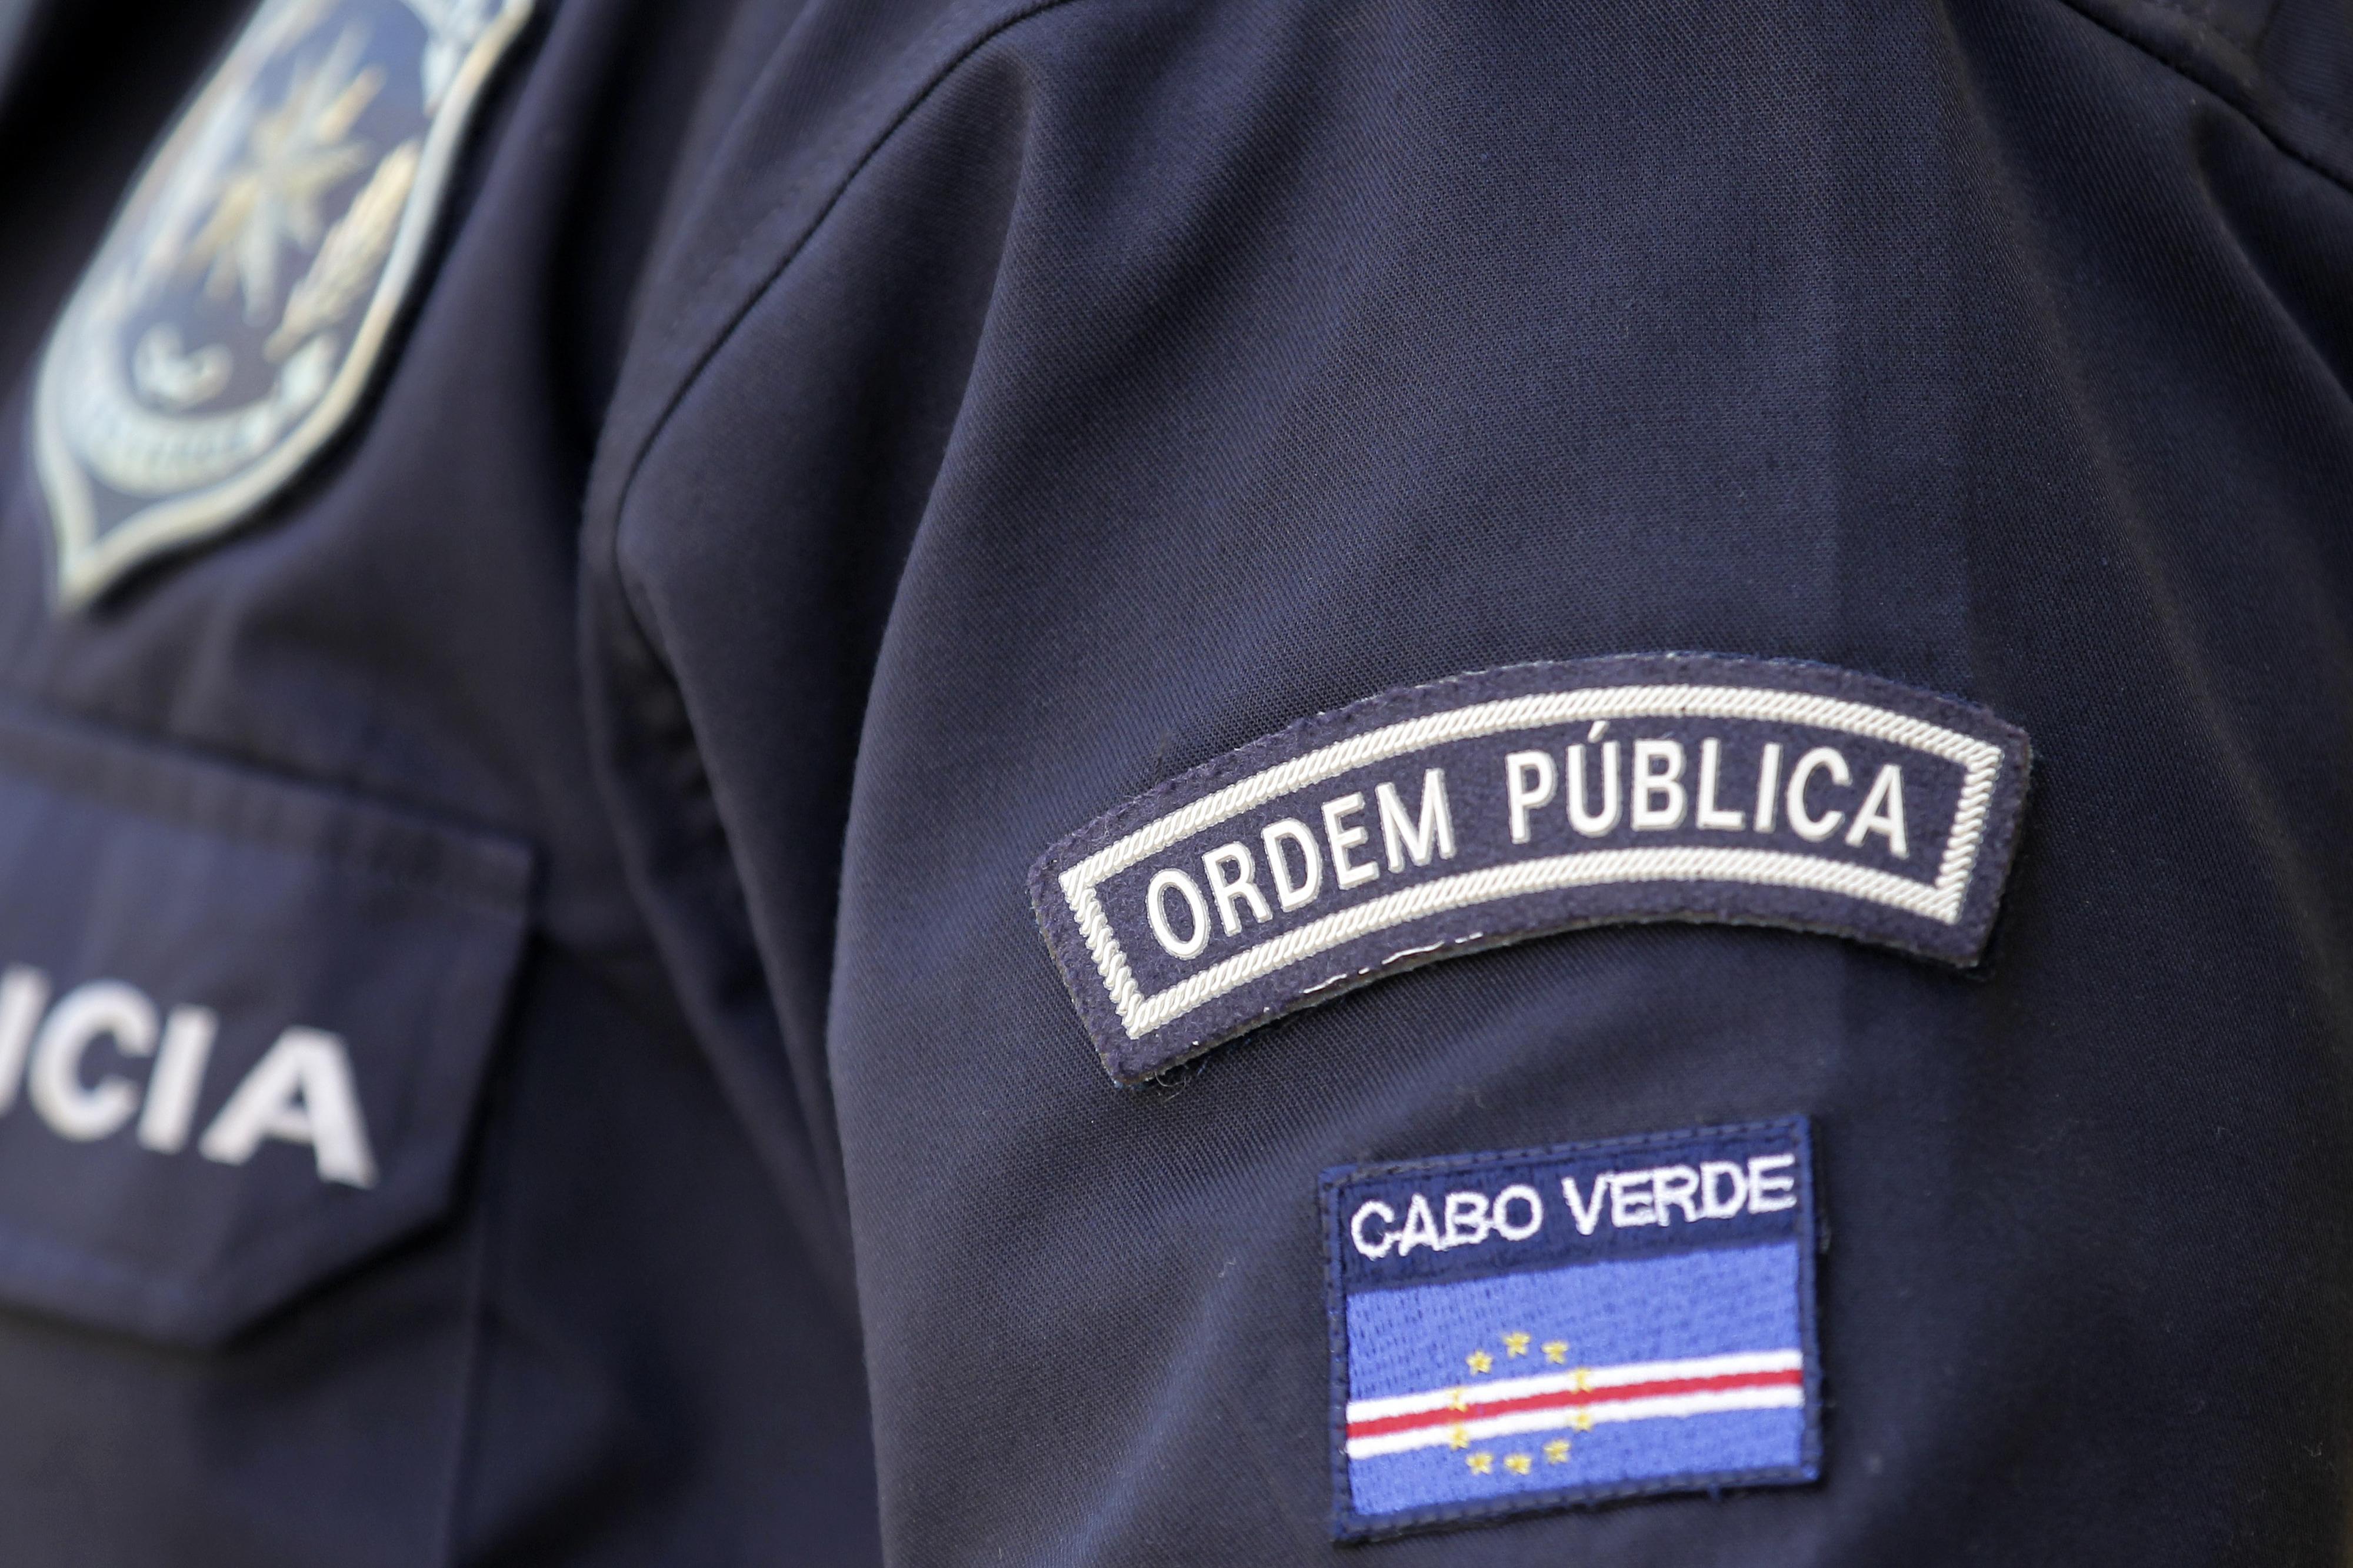 Polícia suspeito da morte de jovem em esquadra de Cabo Verde acusado de homicídio agravado